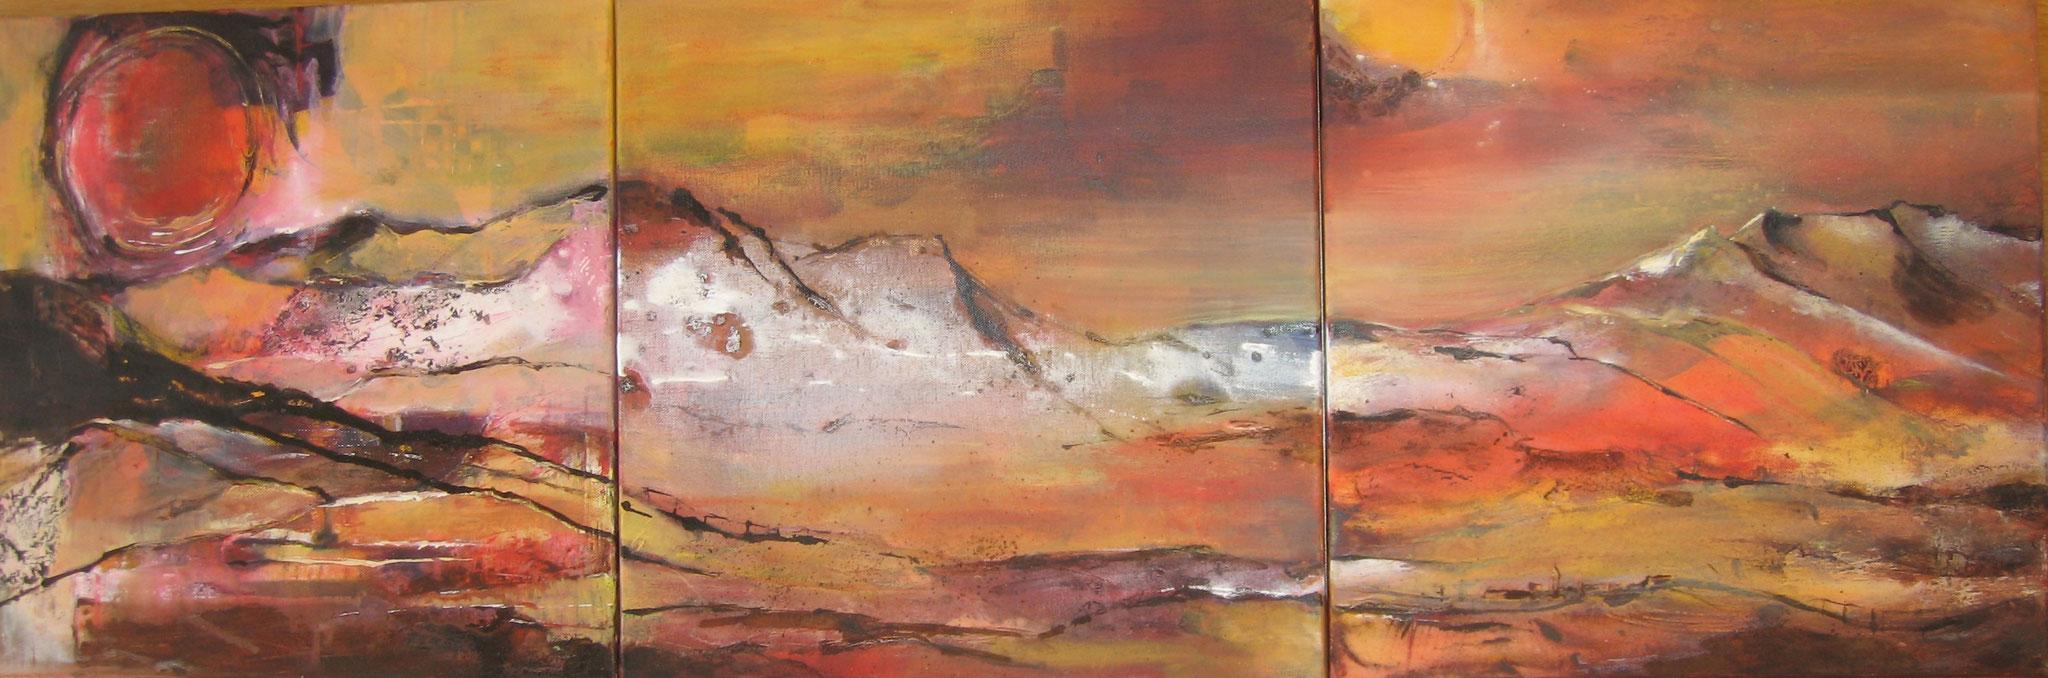 Kraft der Berge, Mischtechnik, 40 x 120 cm, 3-teilig